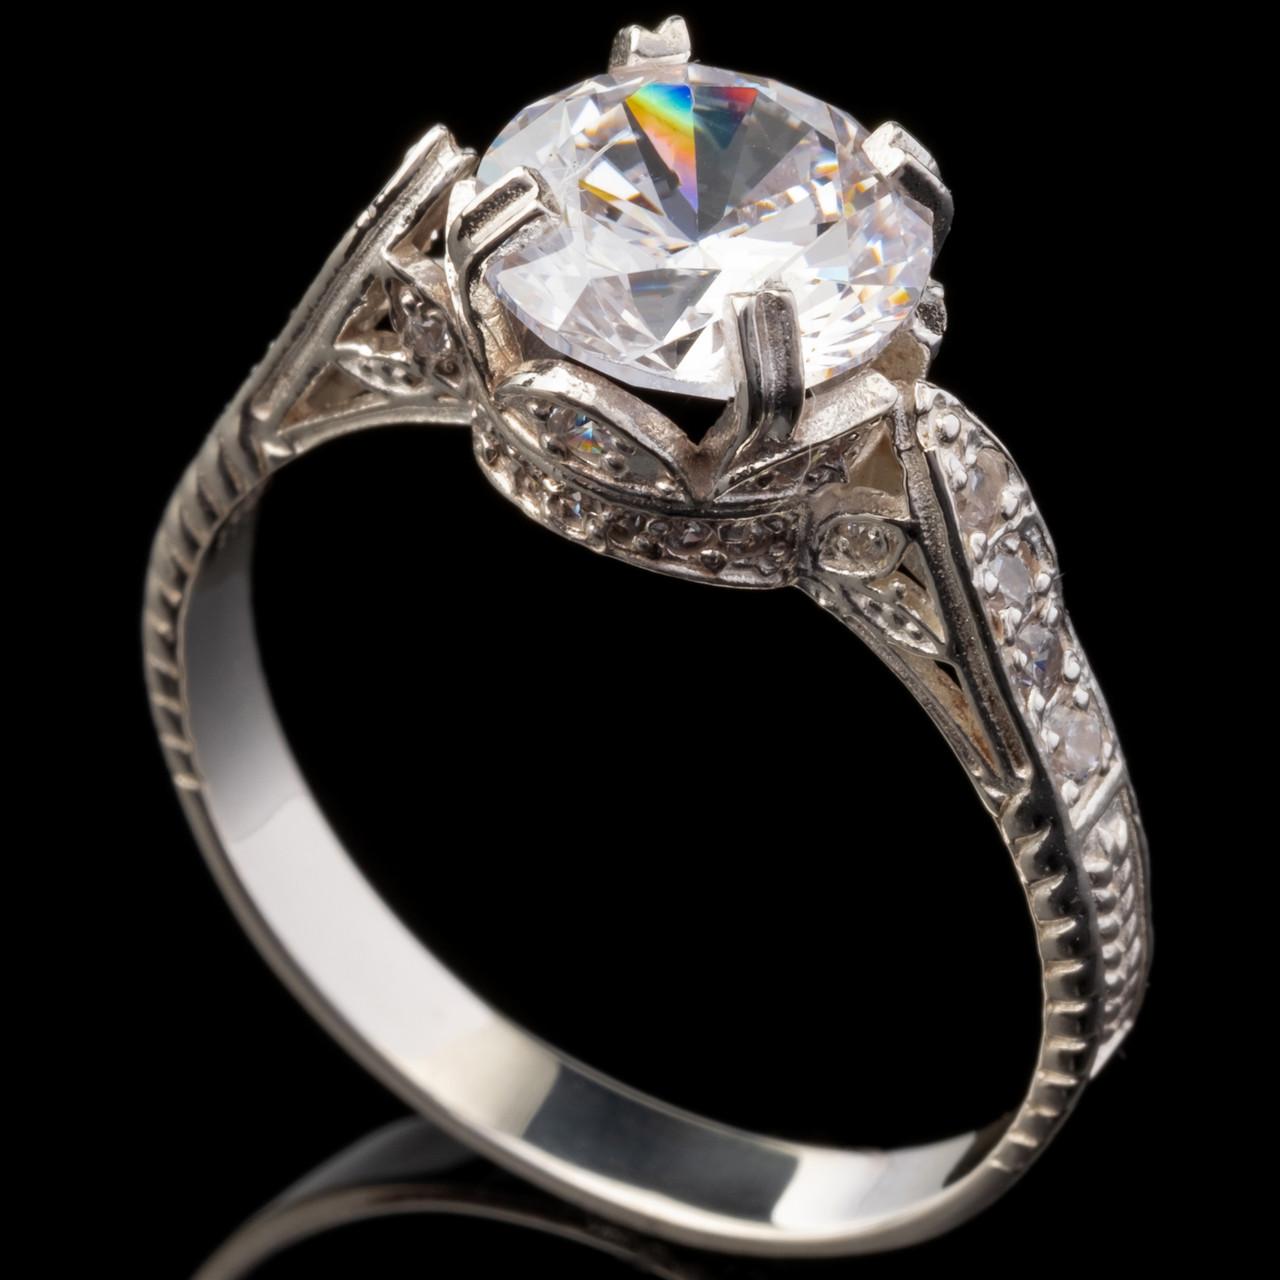 Серебряное кольцо 925 пробы с фианитами арт. 644к